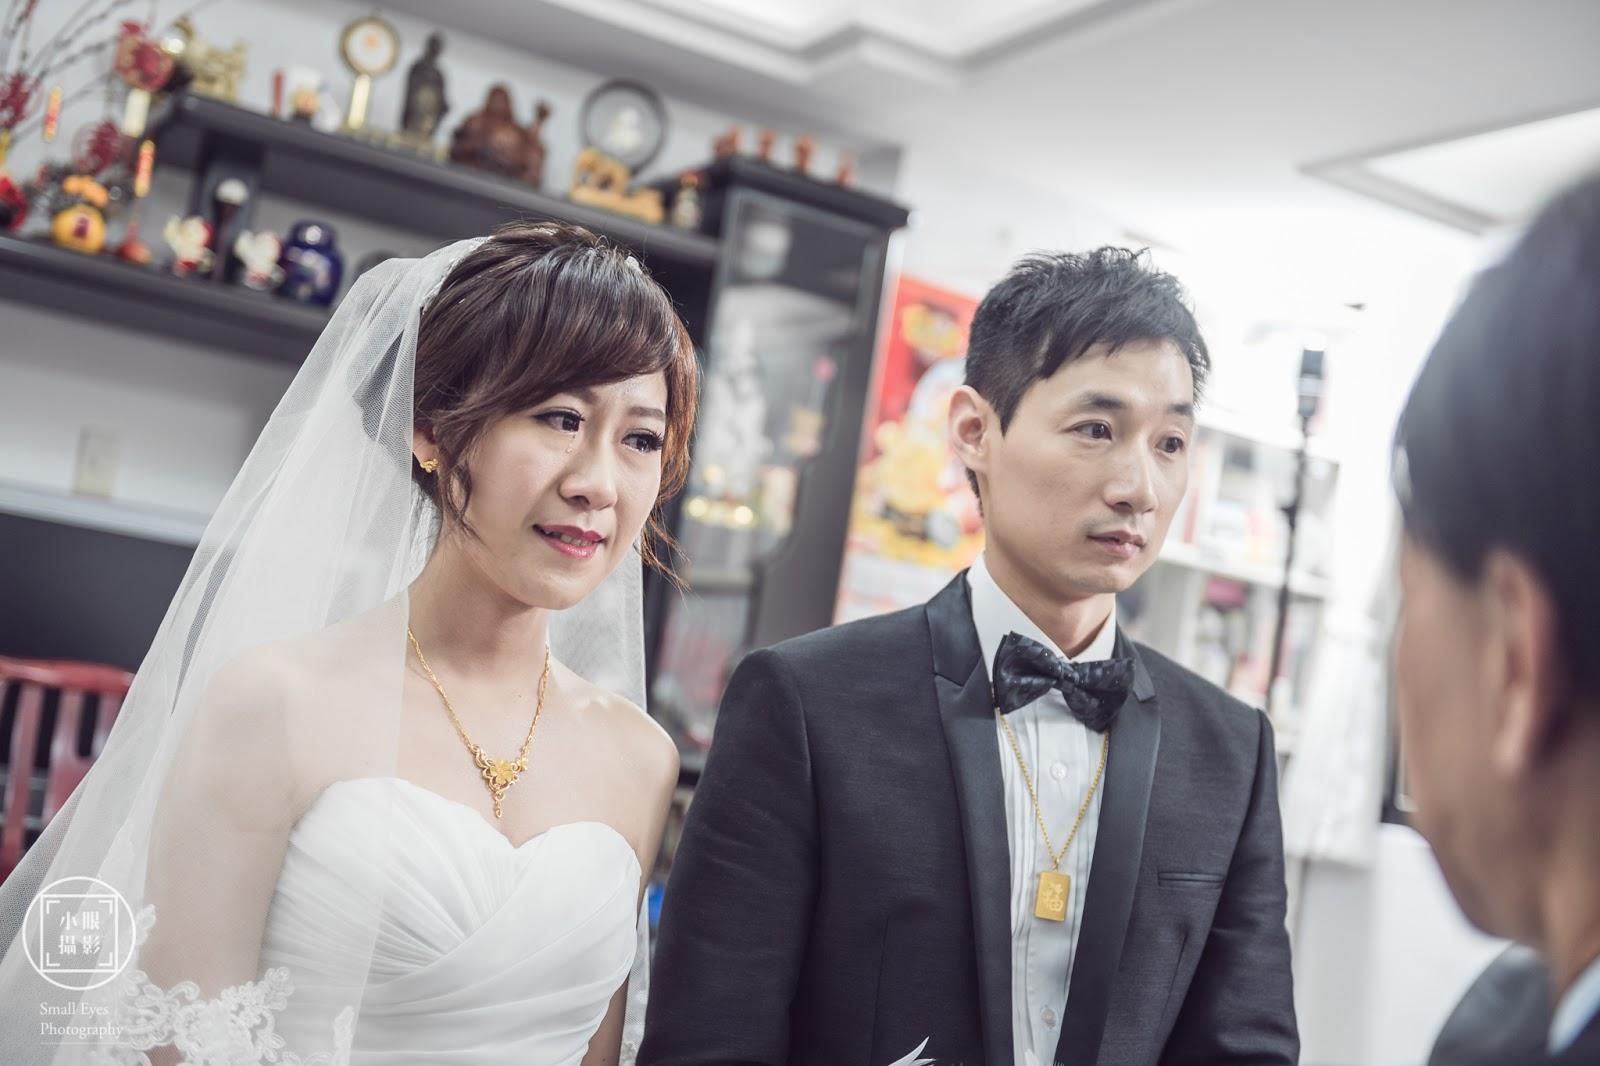 婚攝,小眼攝影,婚禮紀實,婚禮紀錄,婚紗,國內婚紗,海外婚紗,寫真,婚攝小眼,人像寫真